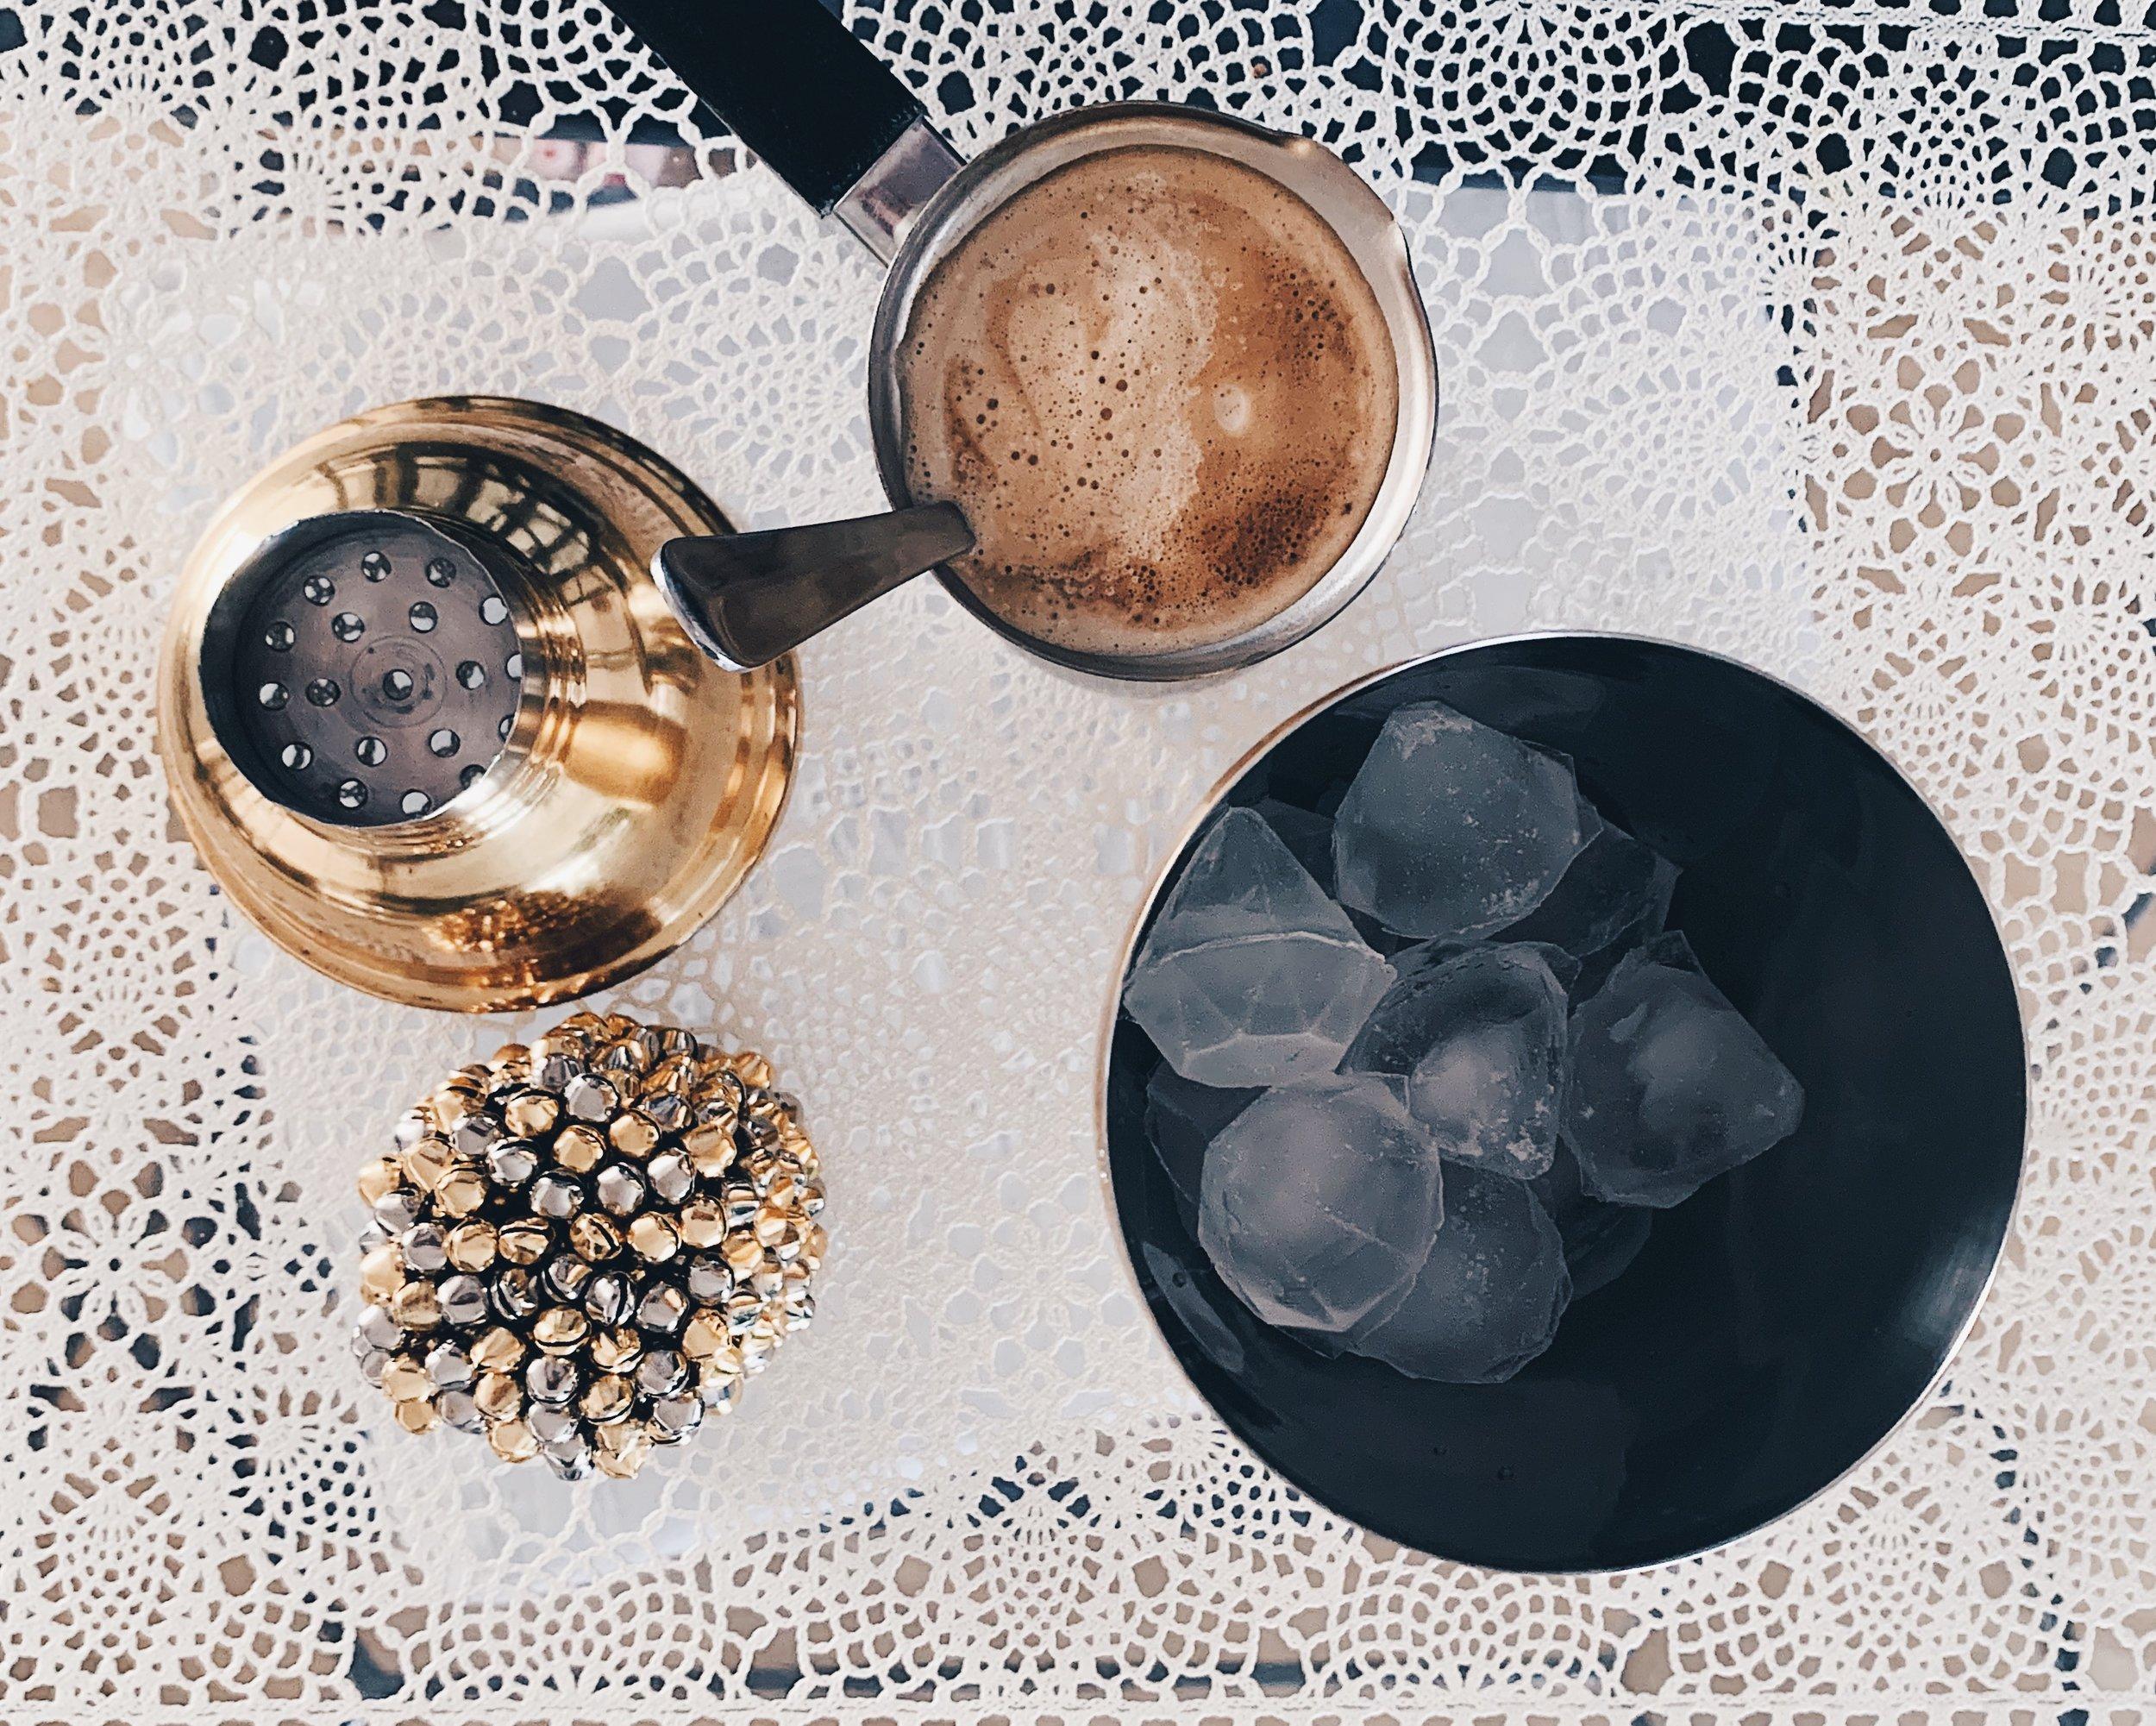 How We Do Iced Coffee The Attic on Eighth.jpg